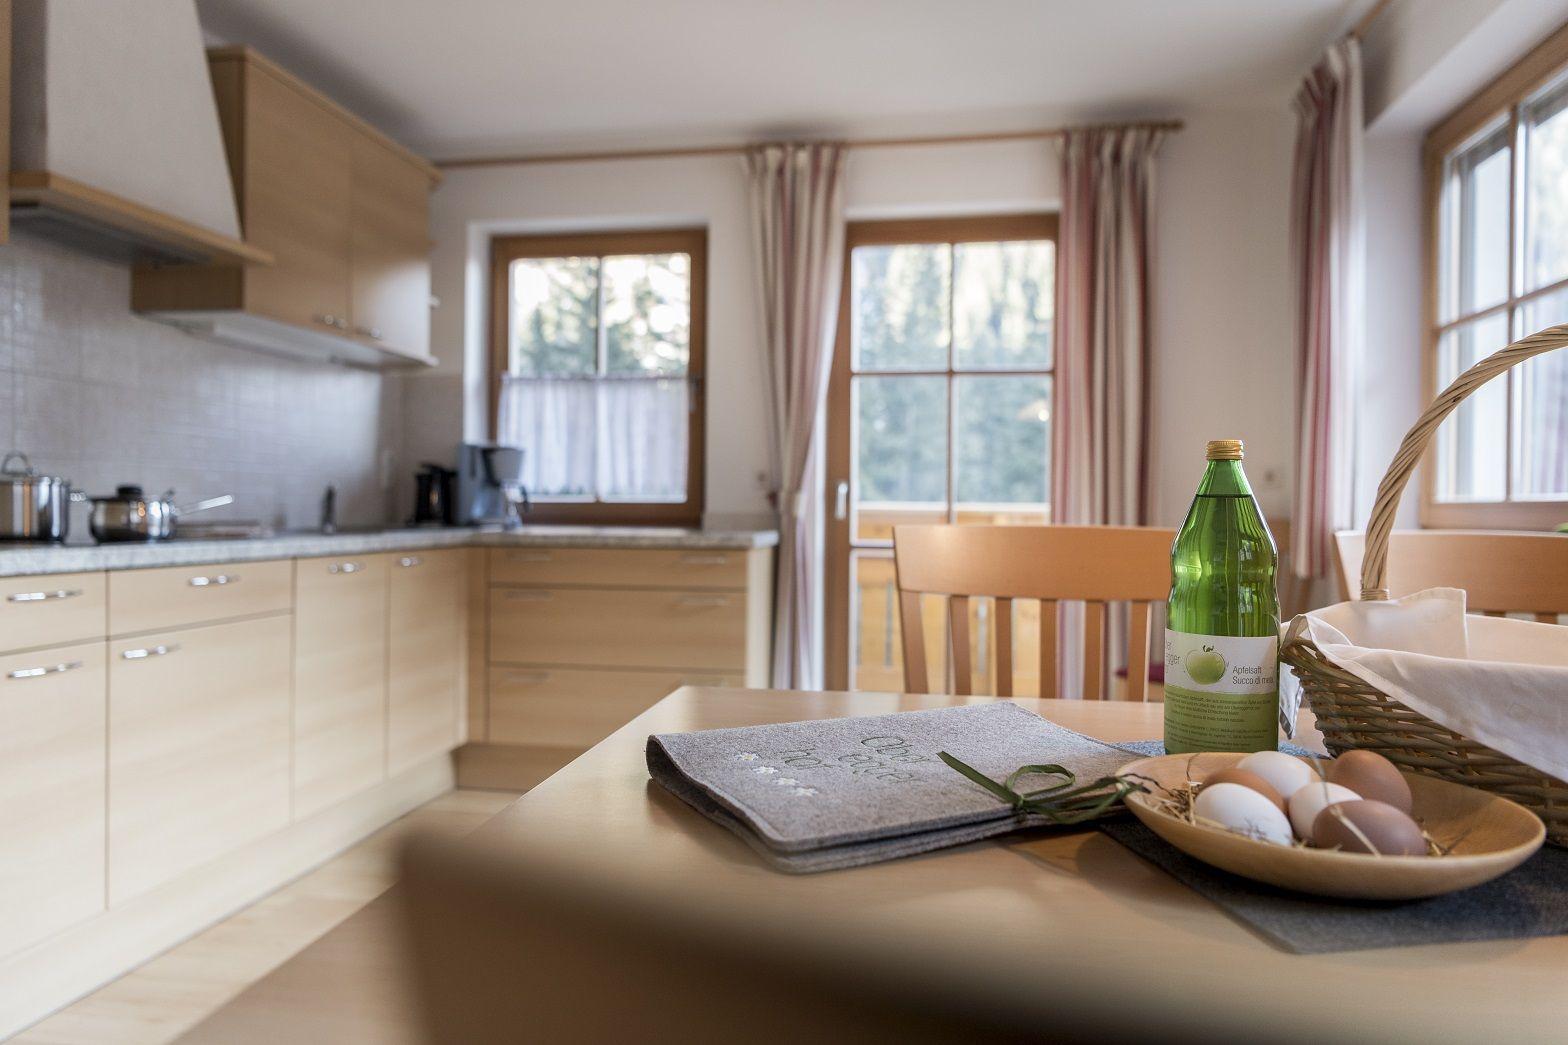 Wohküche mit TV und Couch